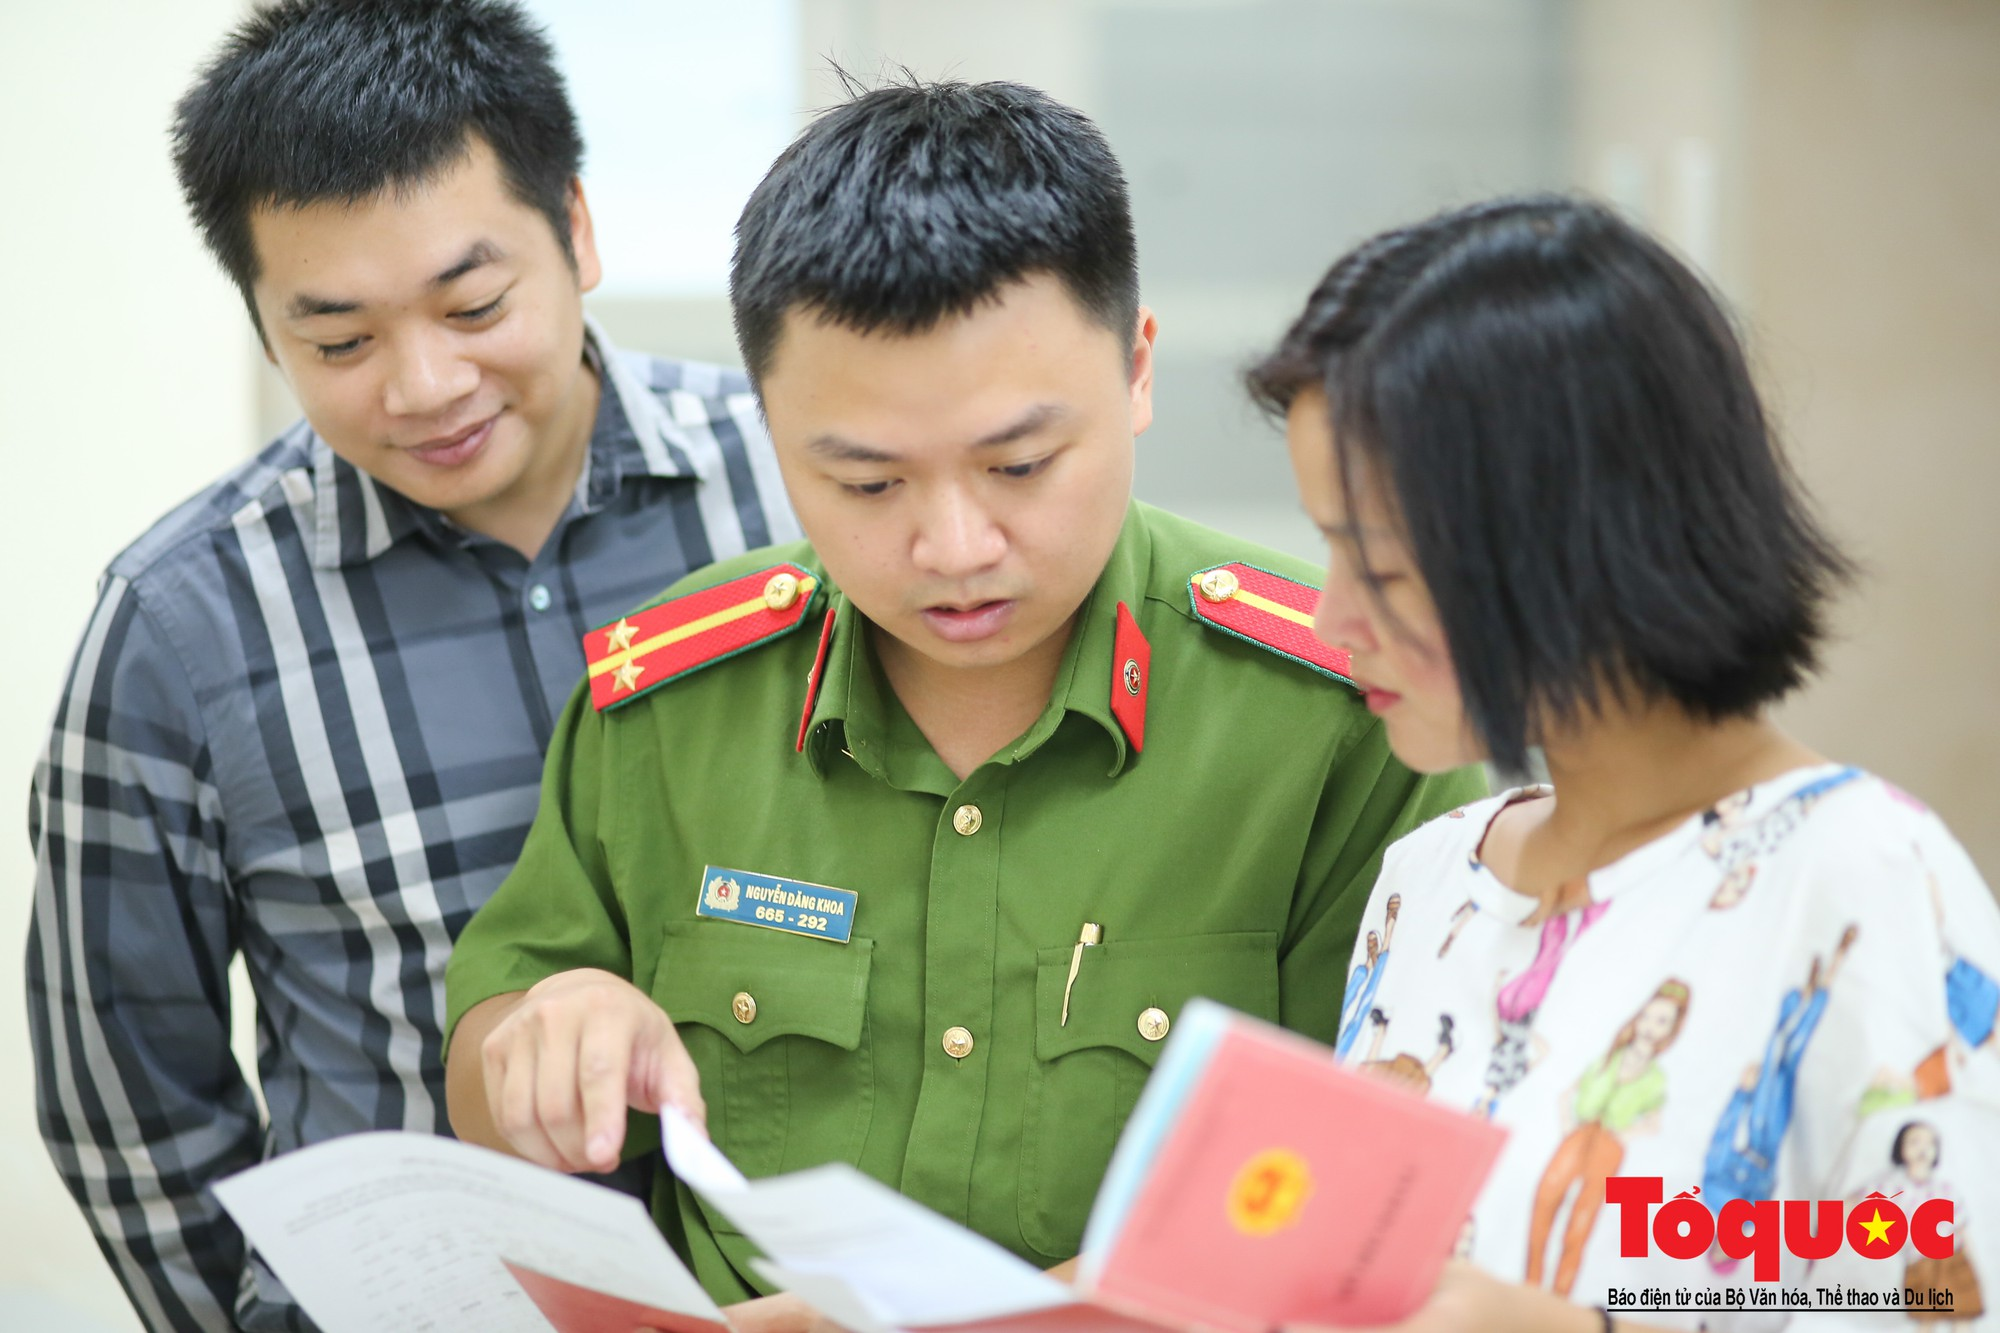 Lực lượng Công an Thủ đô vui tươi, tình nguyện phục vụ nhân dân trong Chủ Nhật (6)